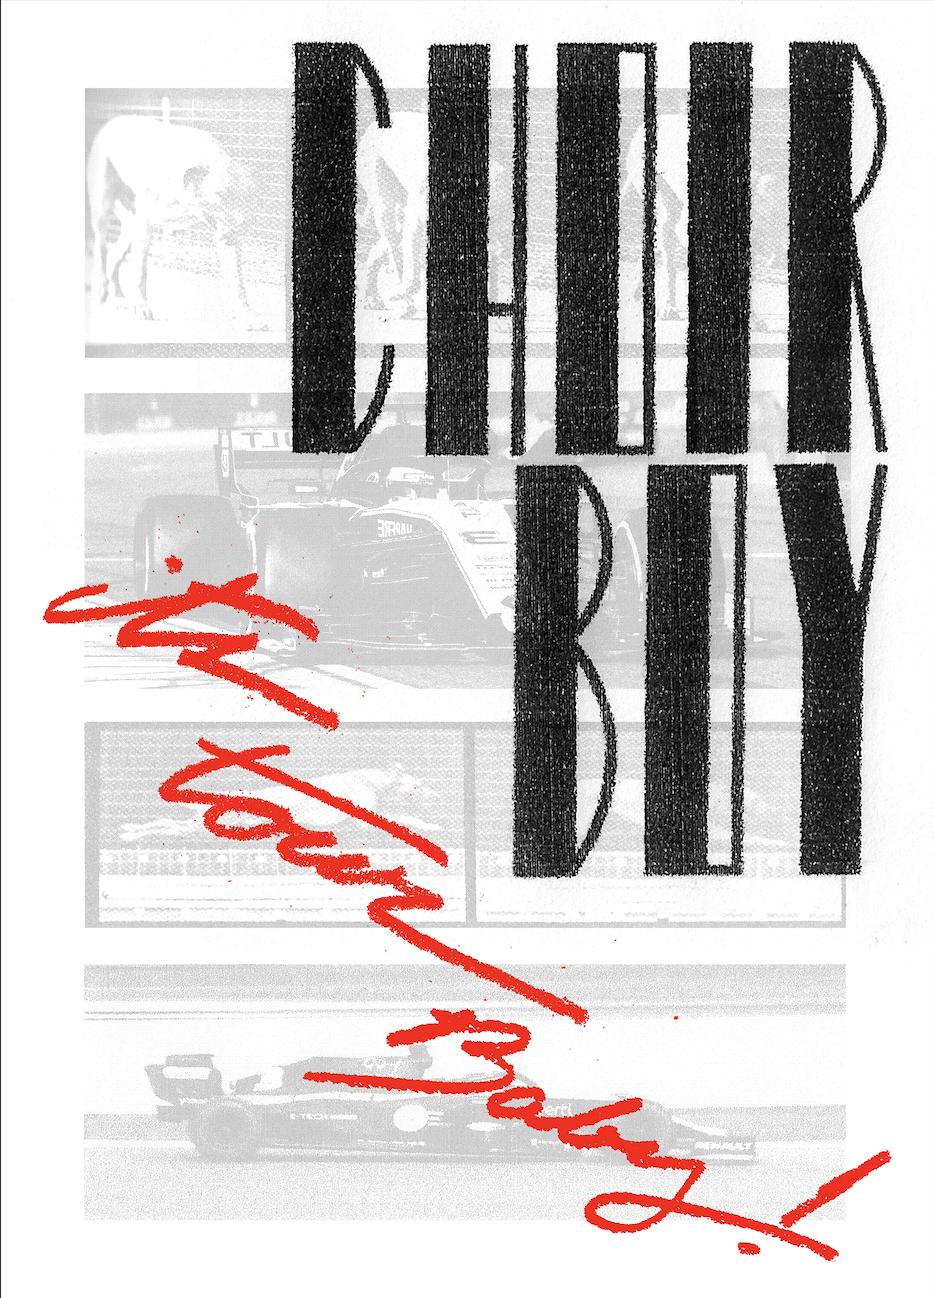 Choir Boy: